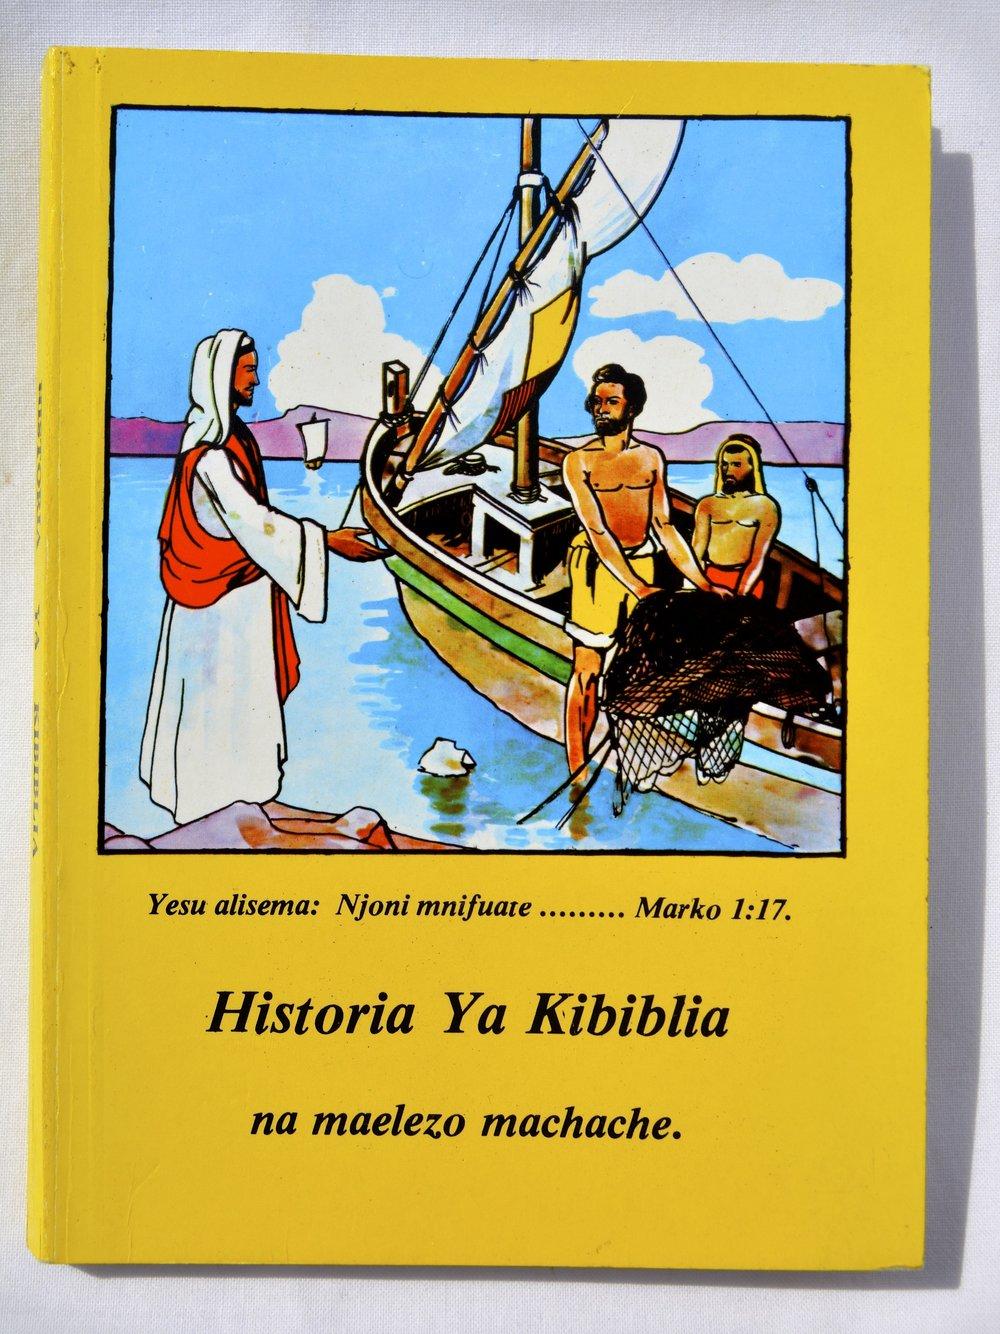 Historia ya Kibiblia